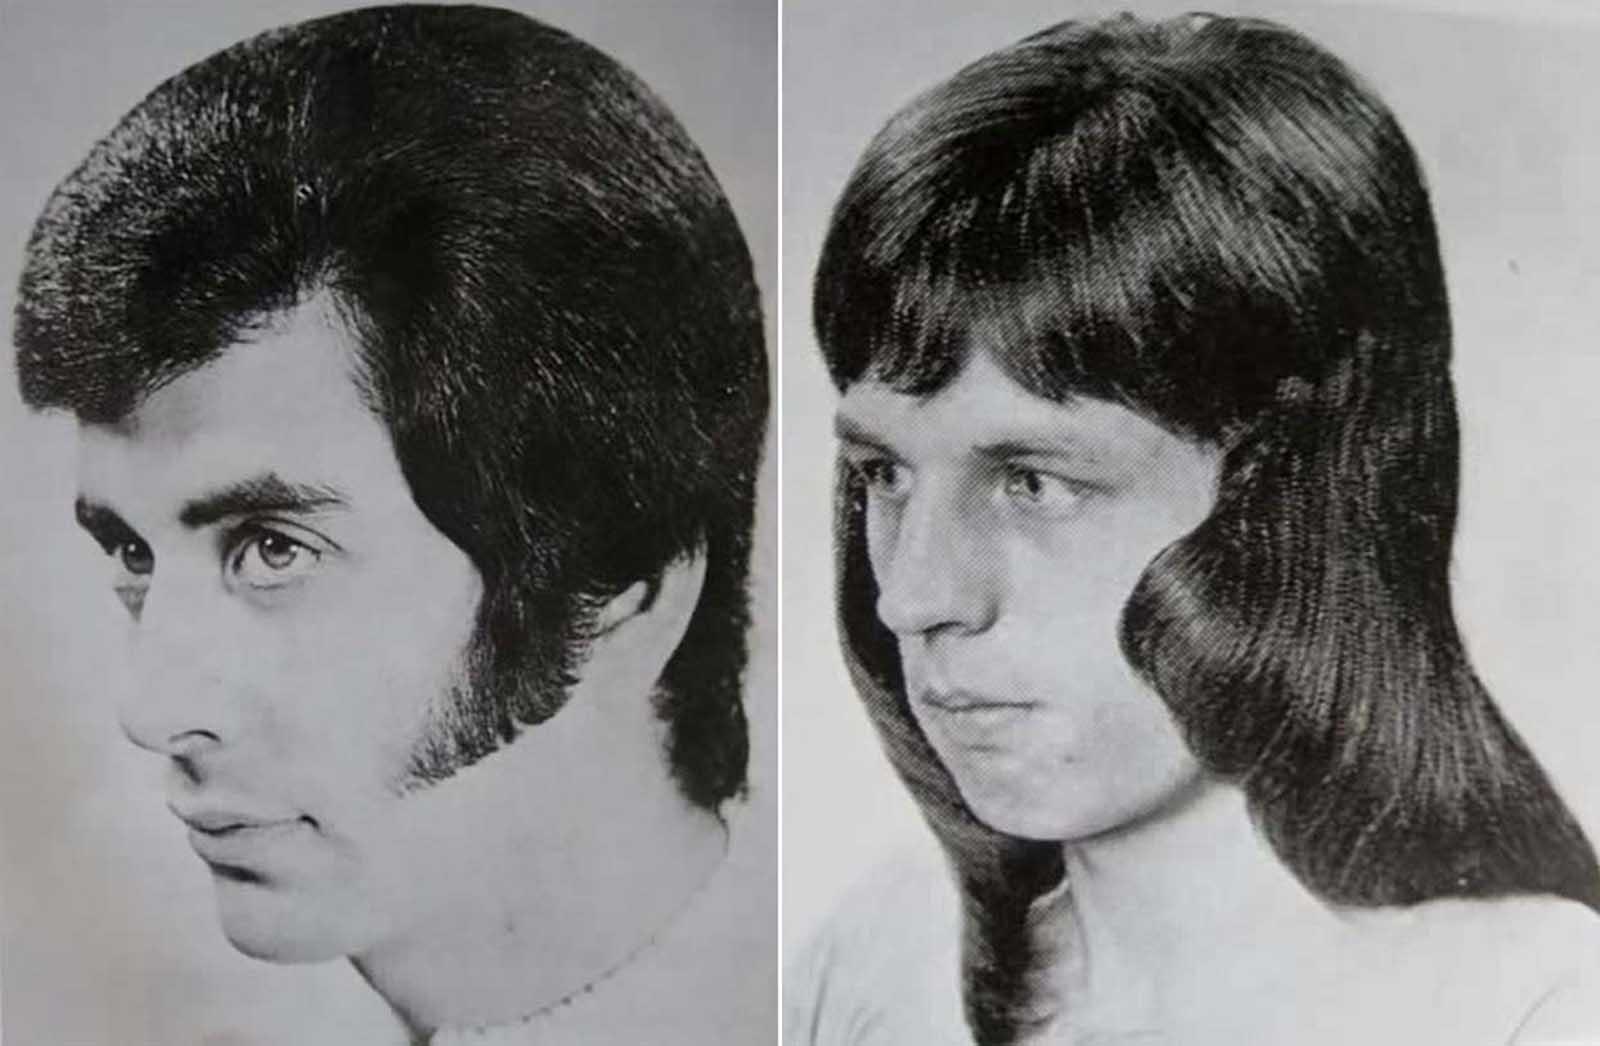 Peinado masculino romántico de las décadas de 1960 a 1970